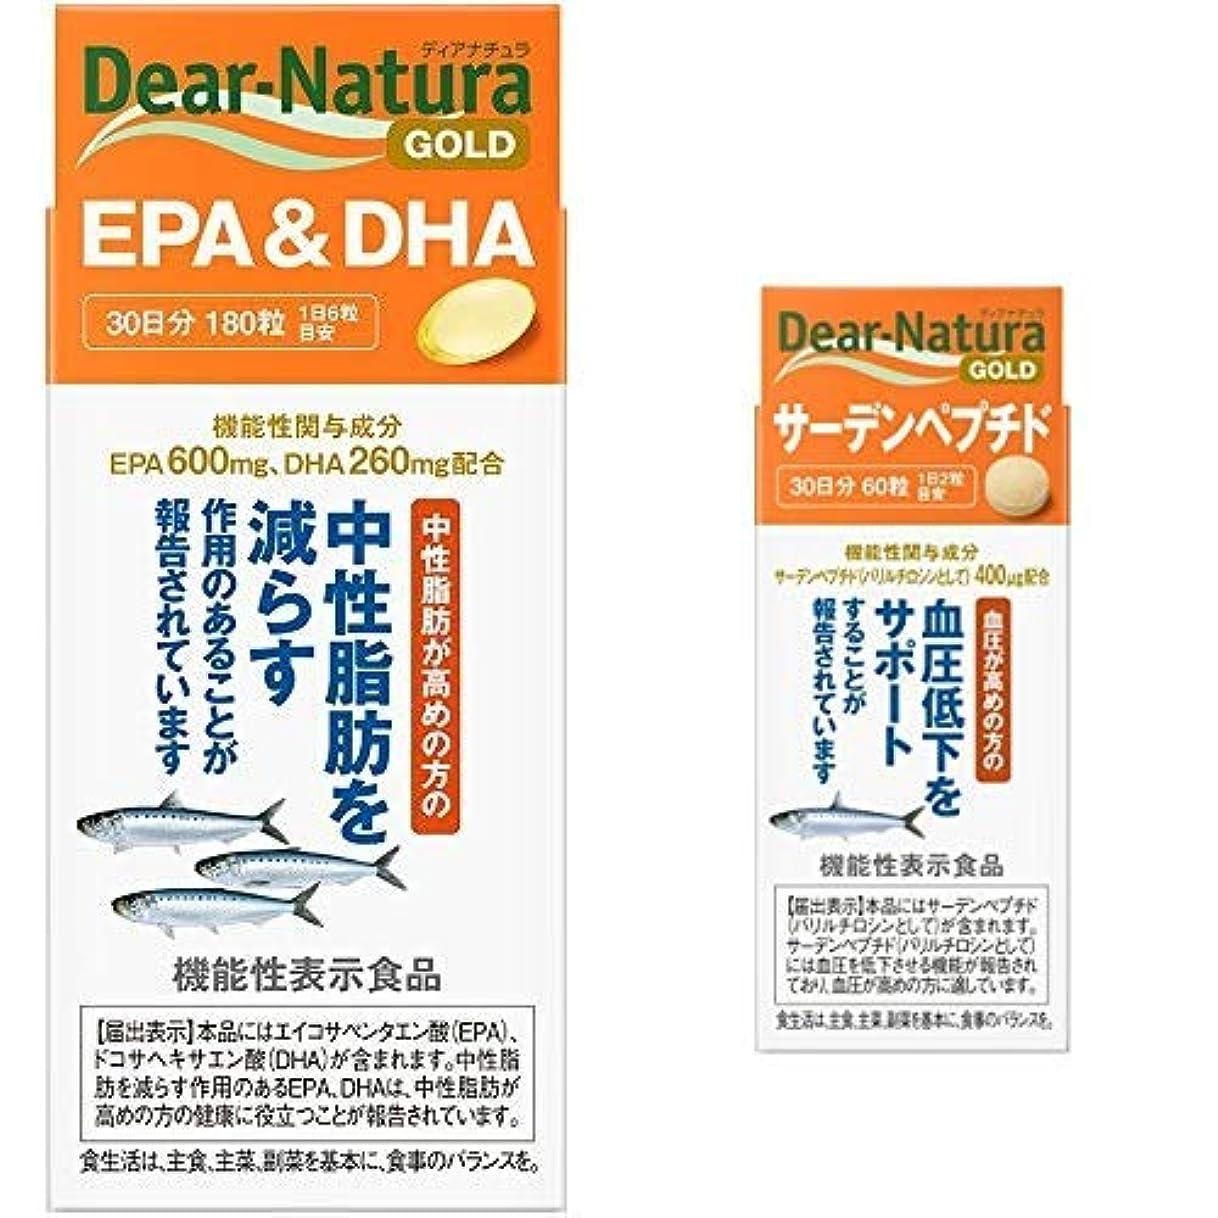 怒る苦難カーペット【セット買い】ディアナチュラゴールド EPA&DHA 30日分 [機能性表示食品] & サーデンペプチド 30日分 [機能性表示食品]